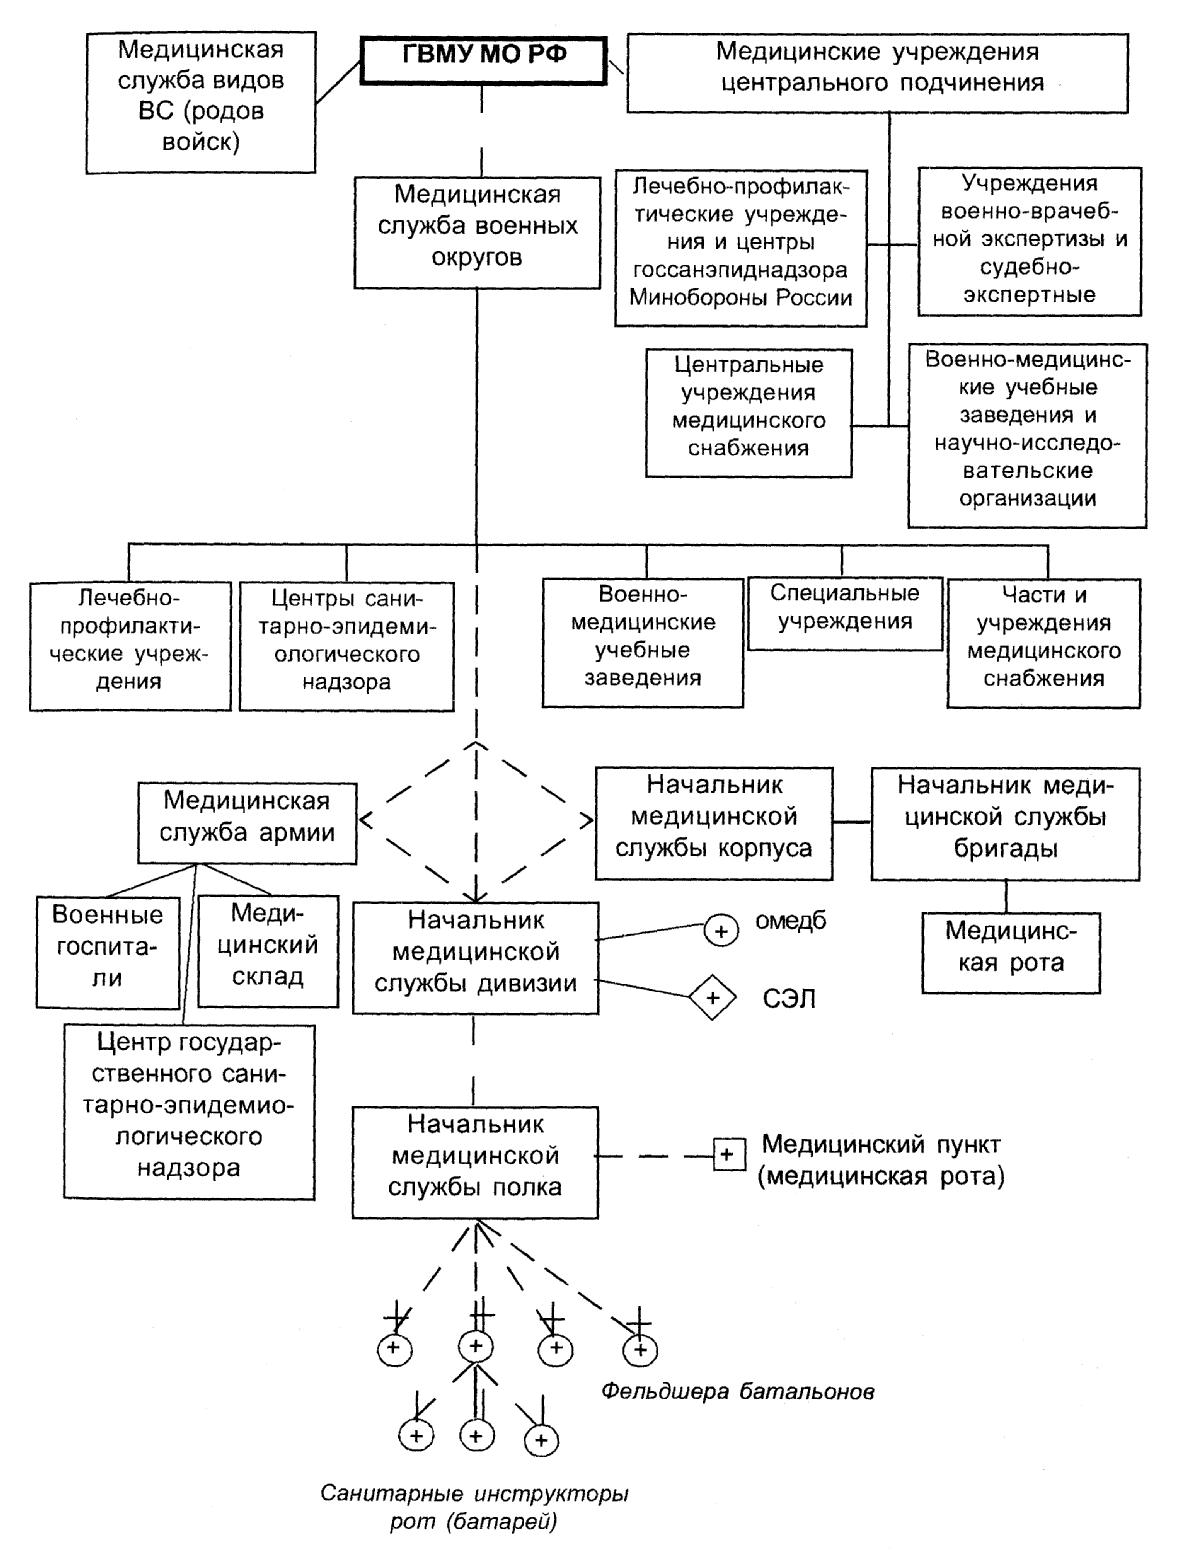 Изображение - Требования к кандидатам на службу в медицинской роте вс рф image001